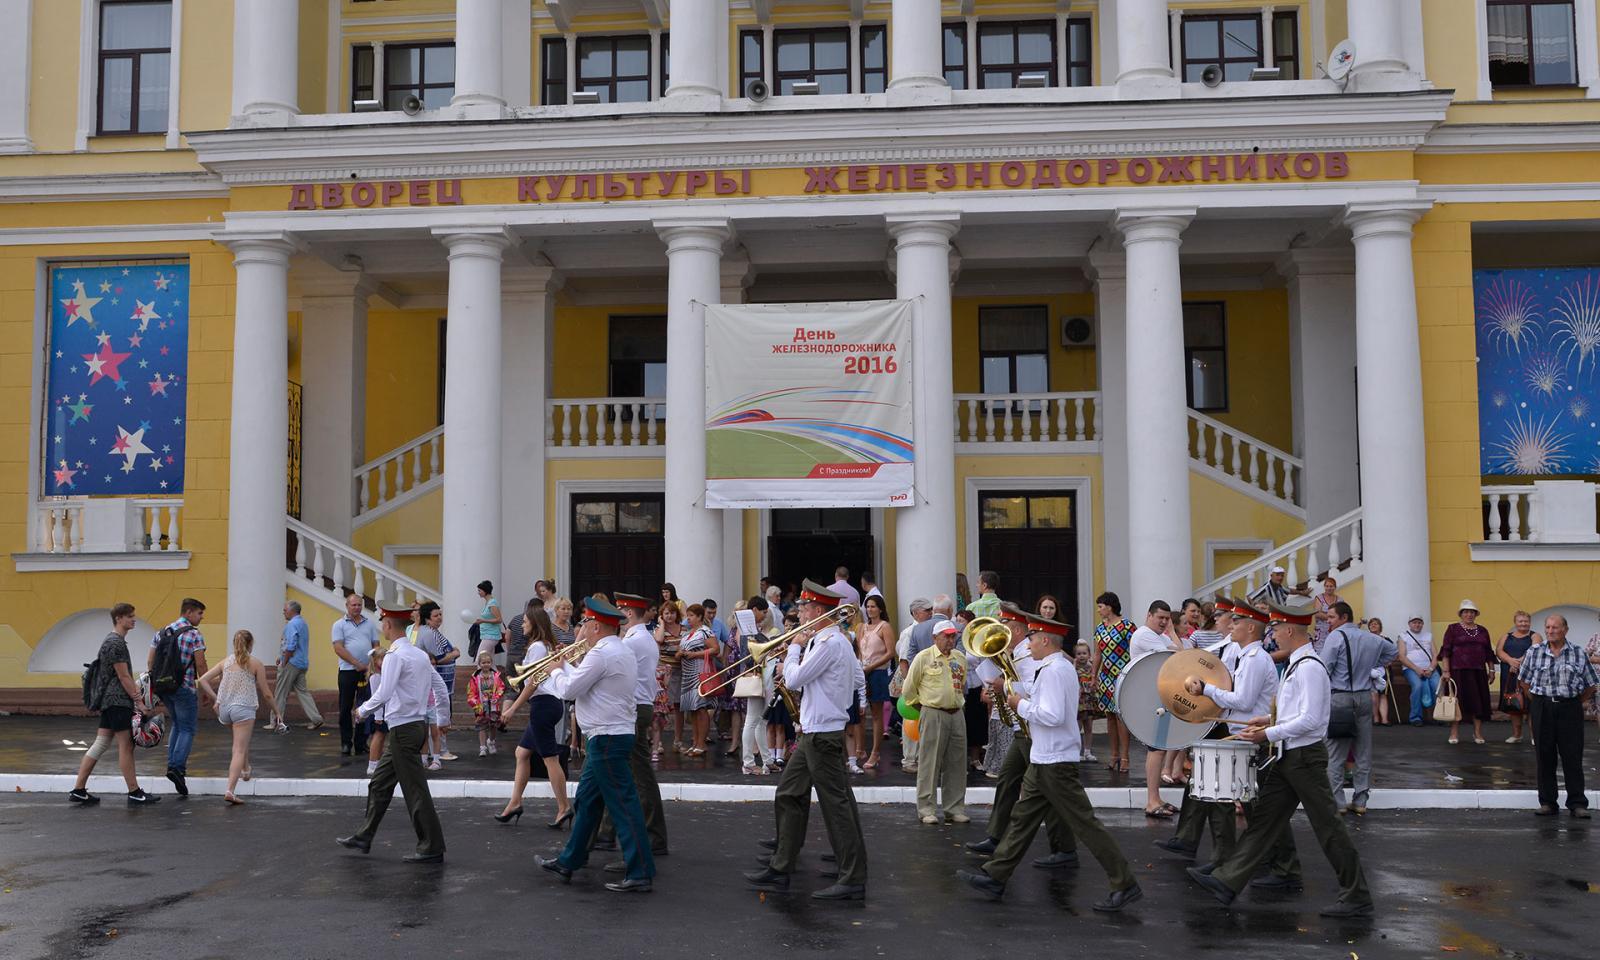 В Брянске отпразднуют День железнодорожника